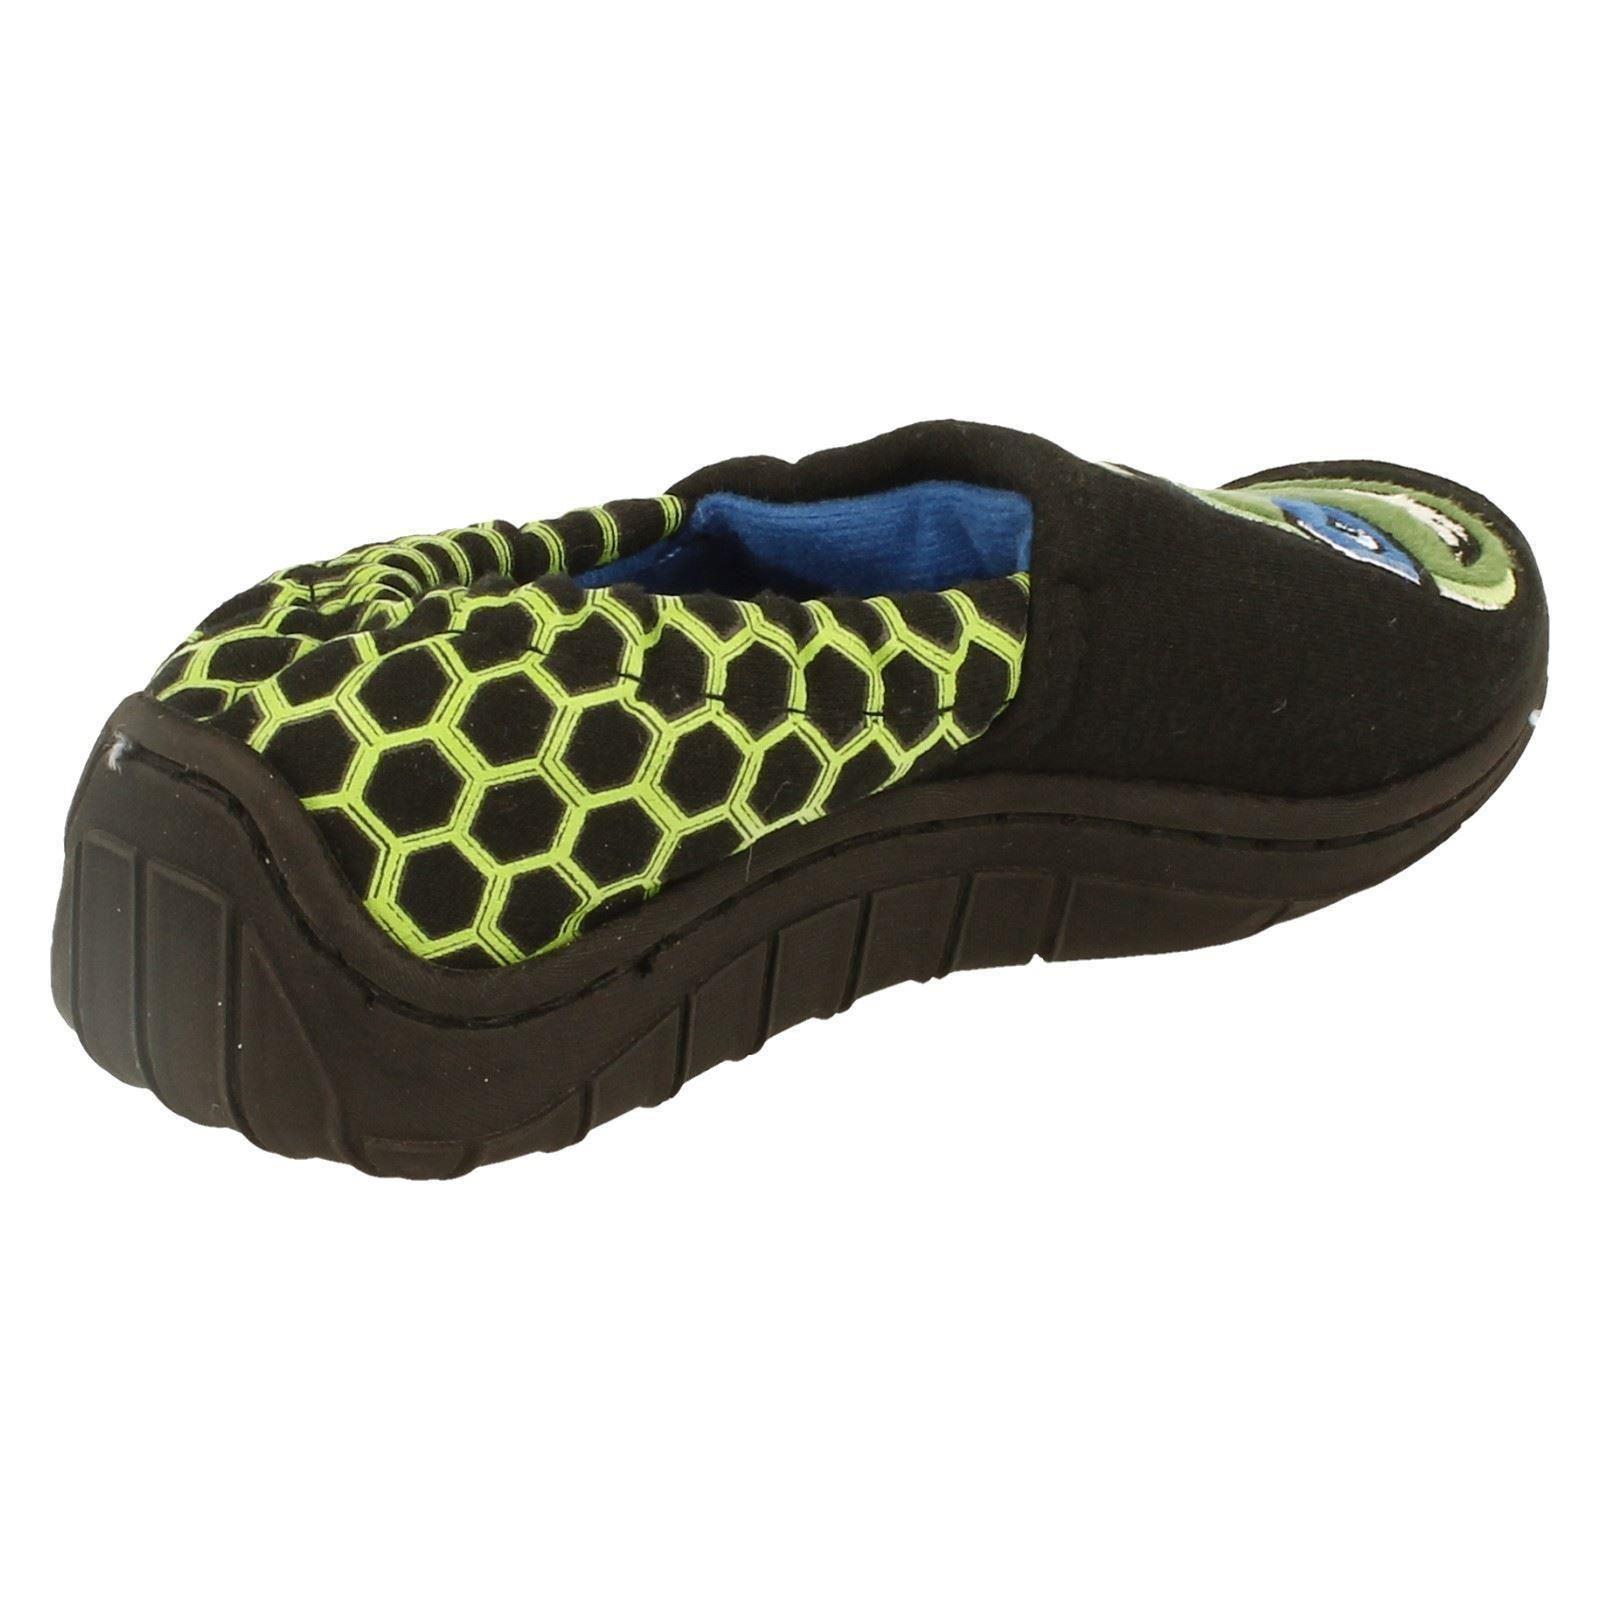 Childrens Boys Teenage Mutant Ninja Turtles Slippers